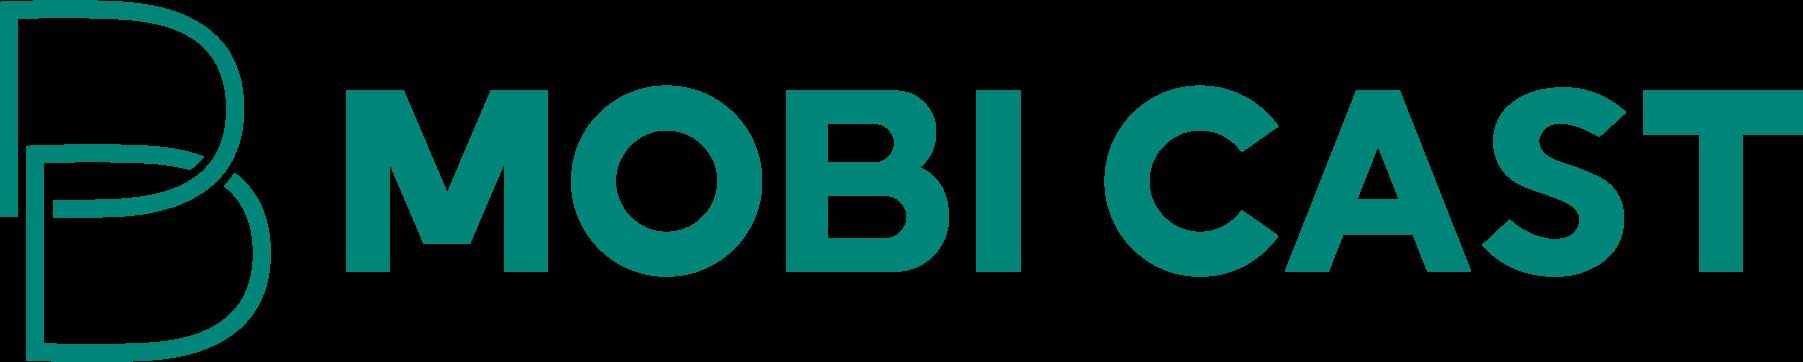 LINEセグメント配信システム MOBI CAST(モビキャスト)